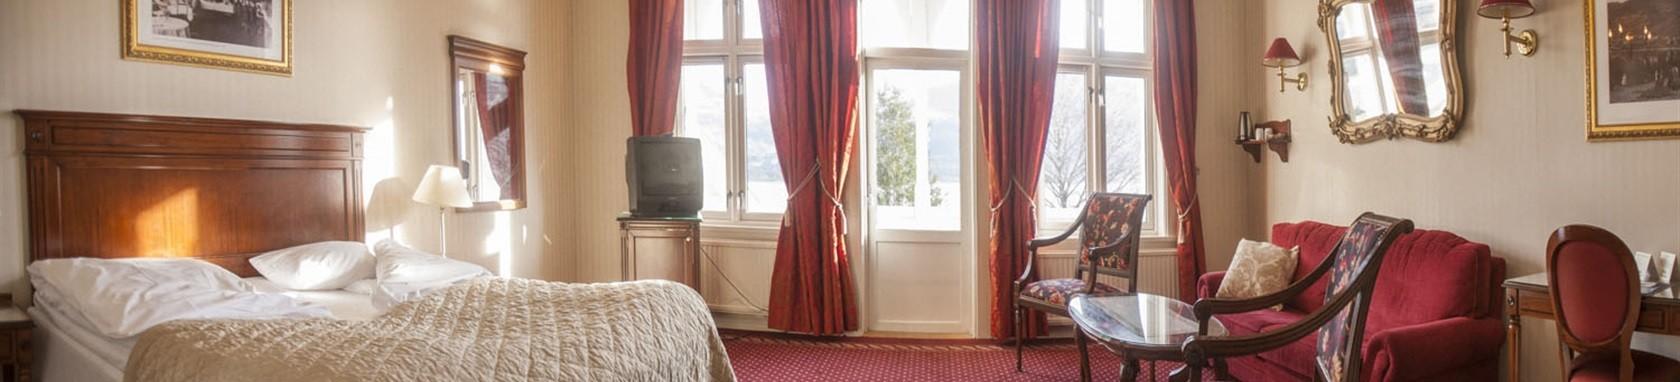 fleischer s hotel voss